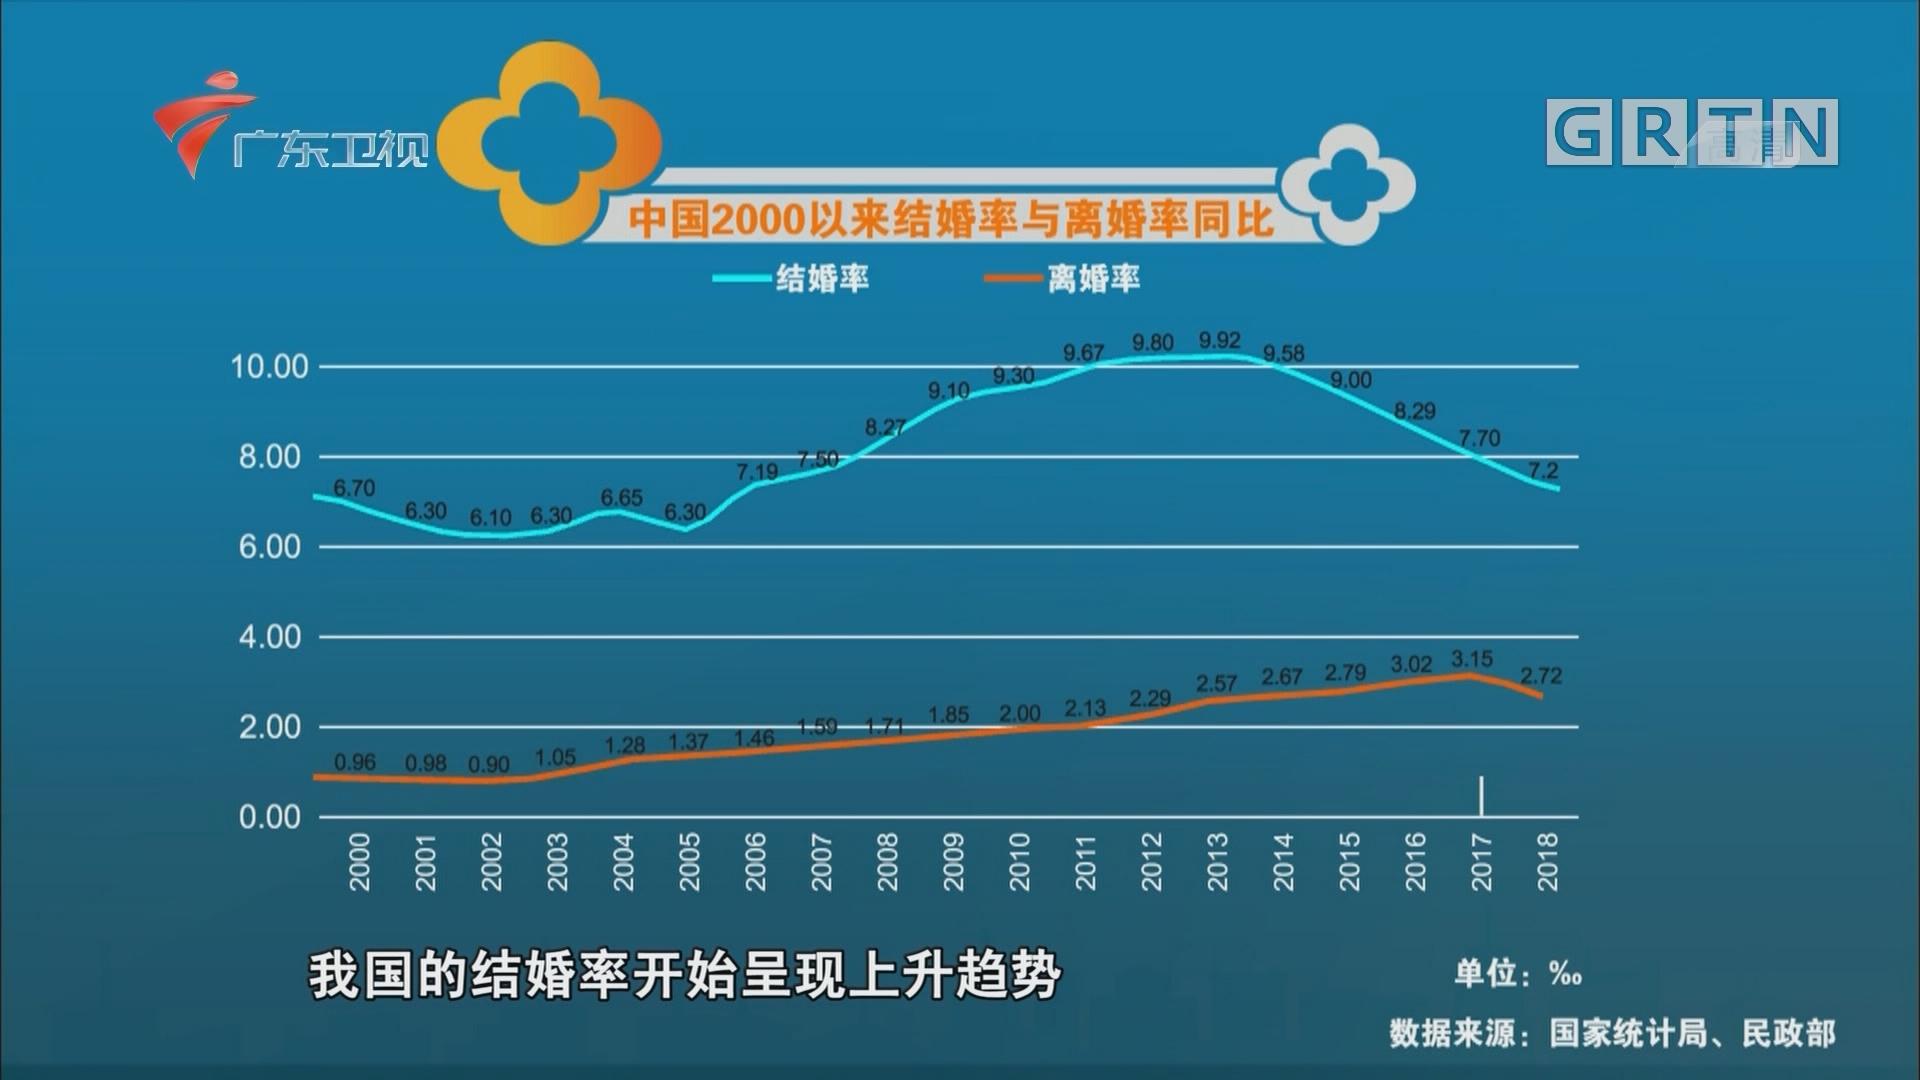 中国2000以来结婚率与离婚率同比